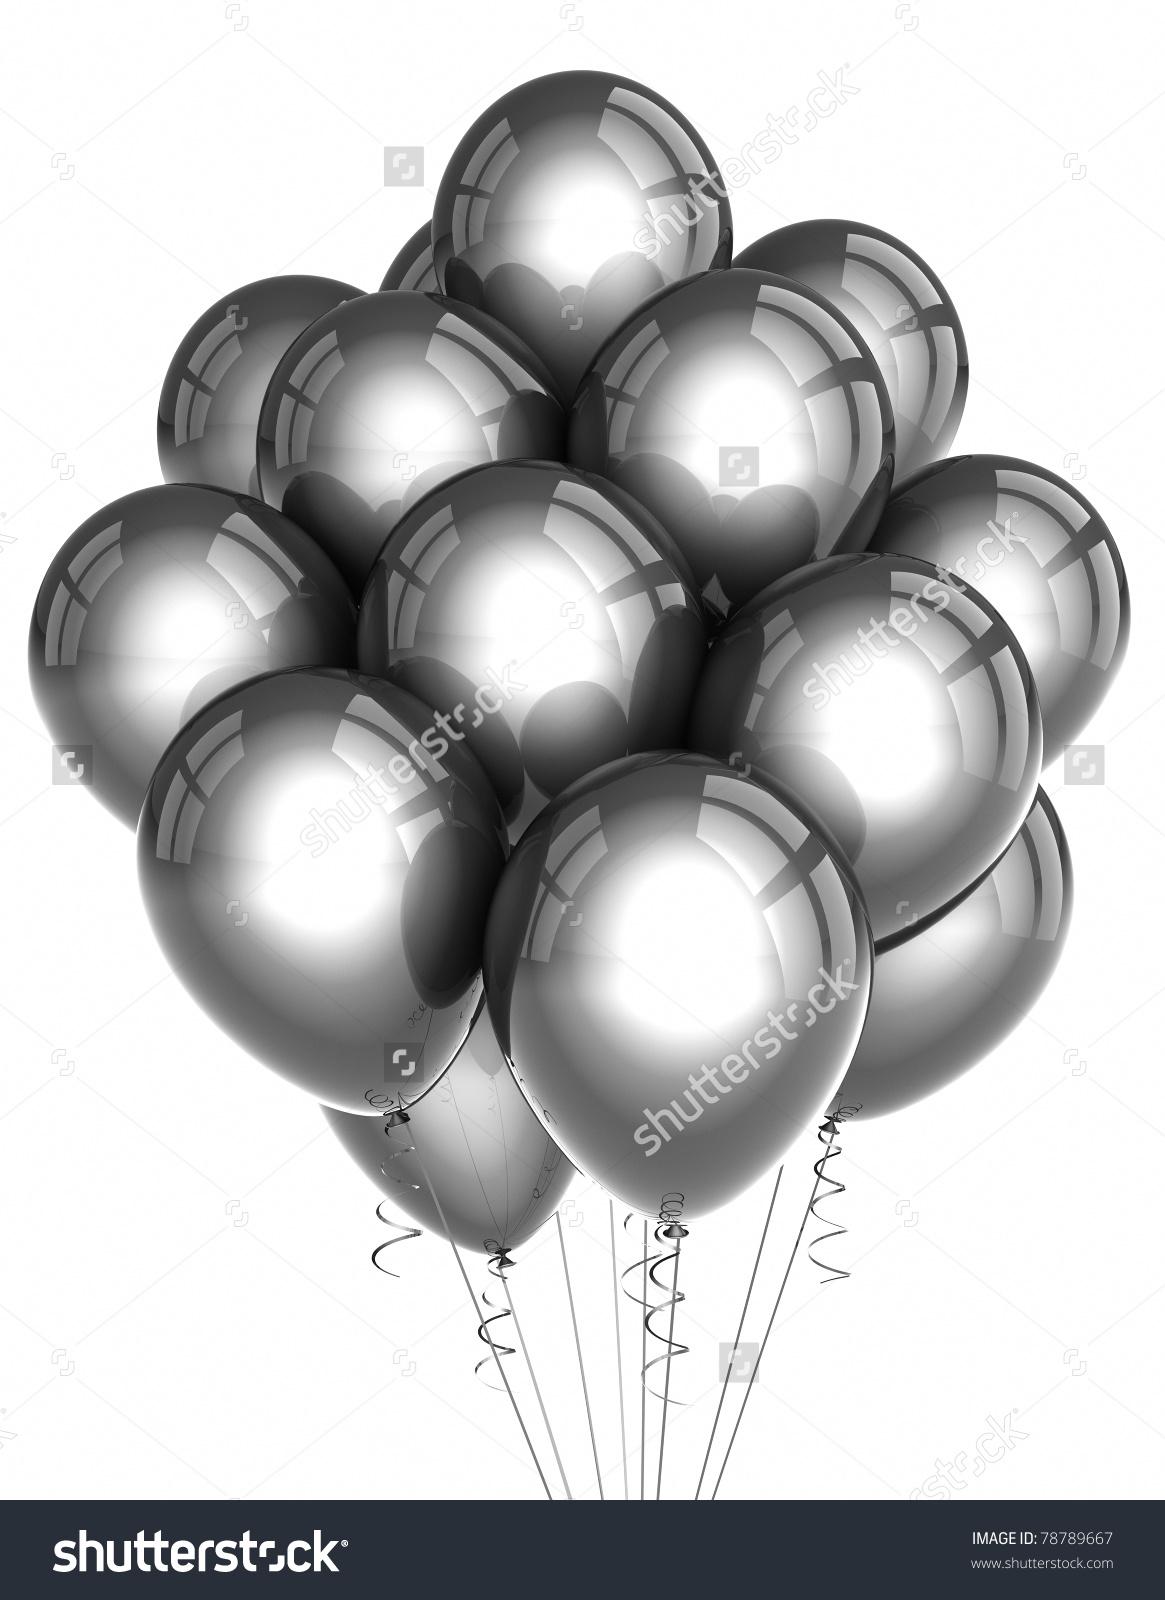 Silver clipart silver balloon Silver Silver #1136 Party Silver